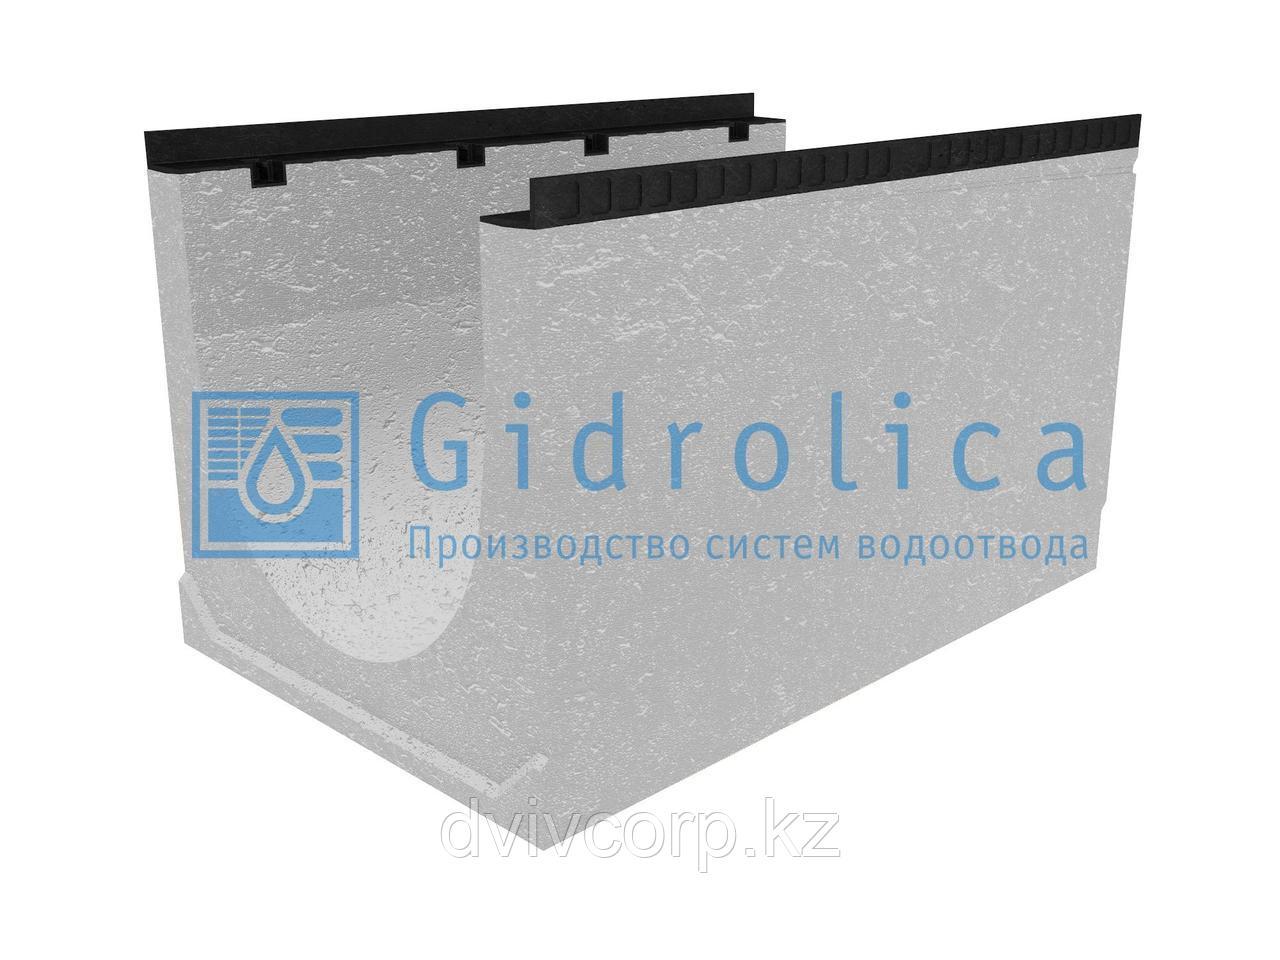 Лоток водоотводный бетонный коробчатый (СО-500мм), с уклоном 0,5%  КUу 100.65(50).61(52) - BGМ, № 32